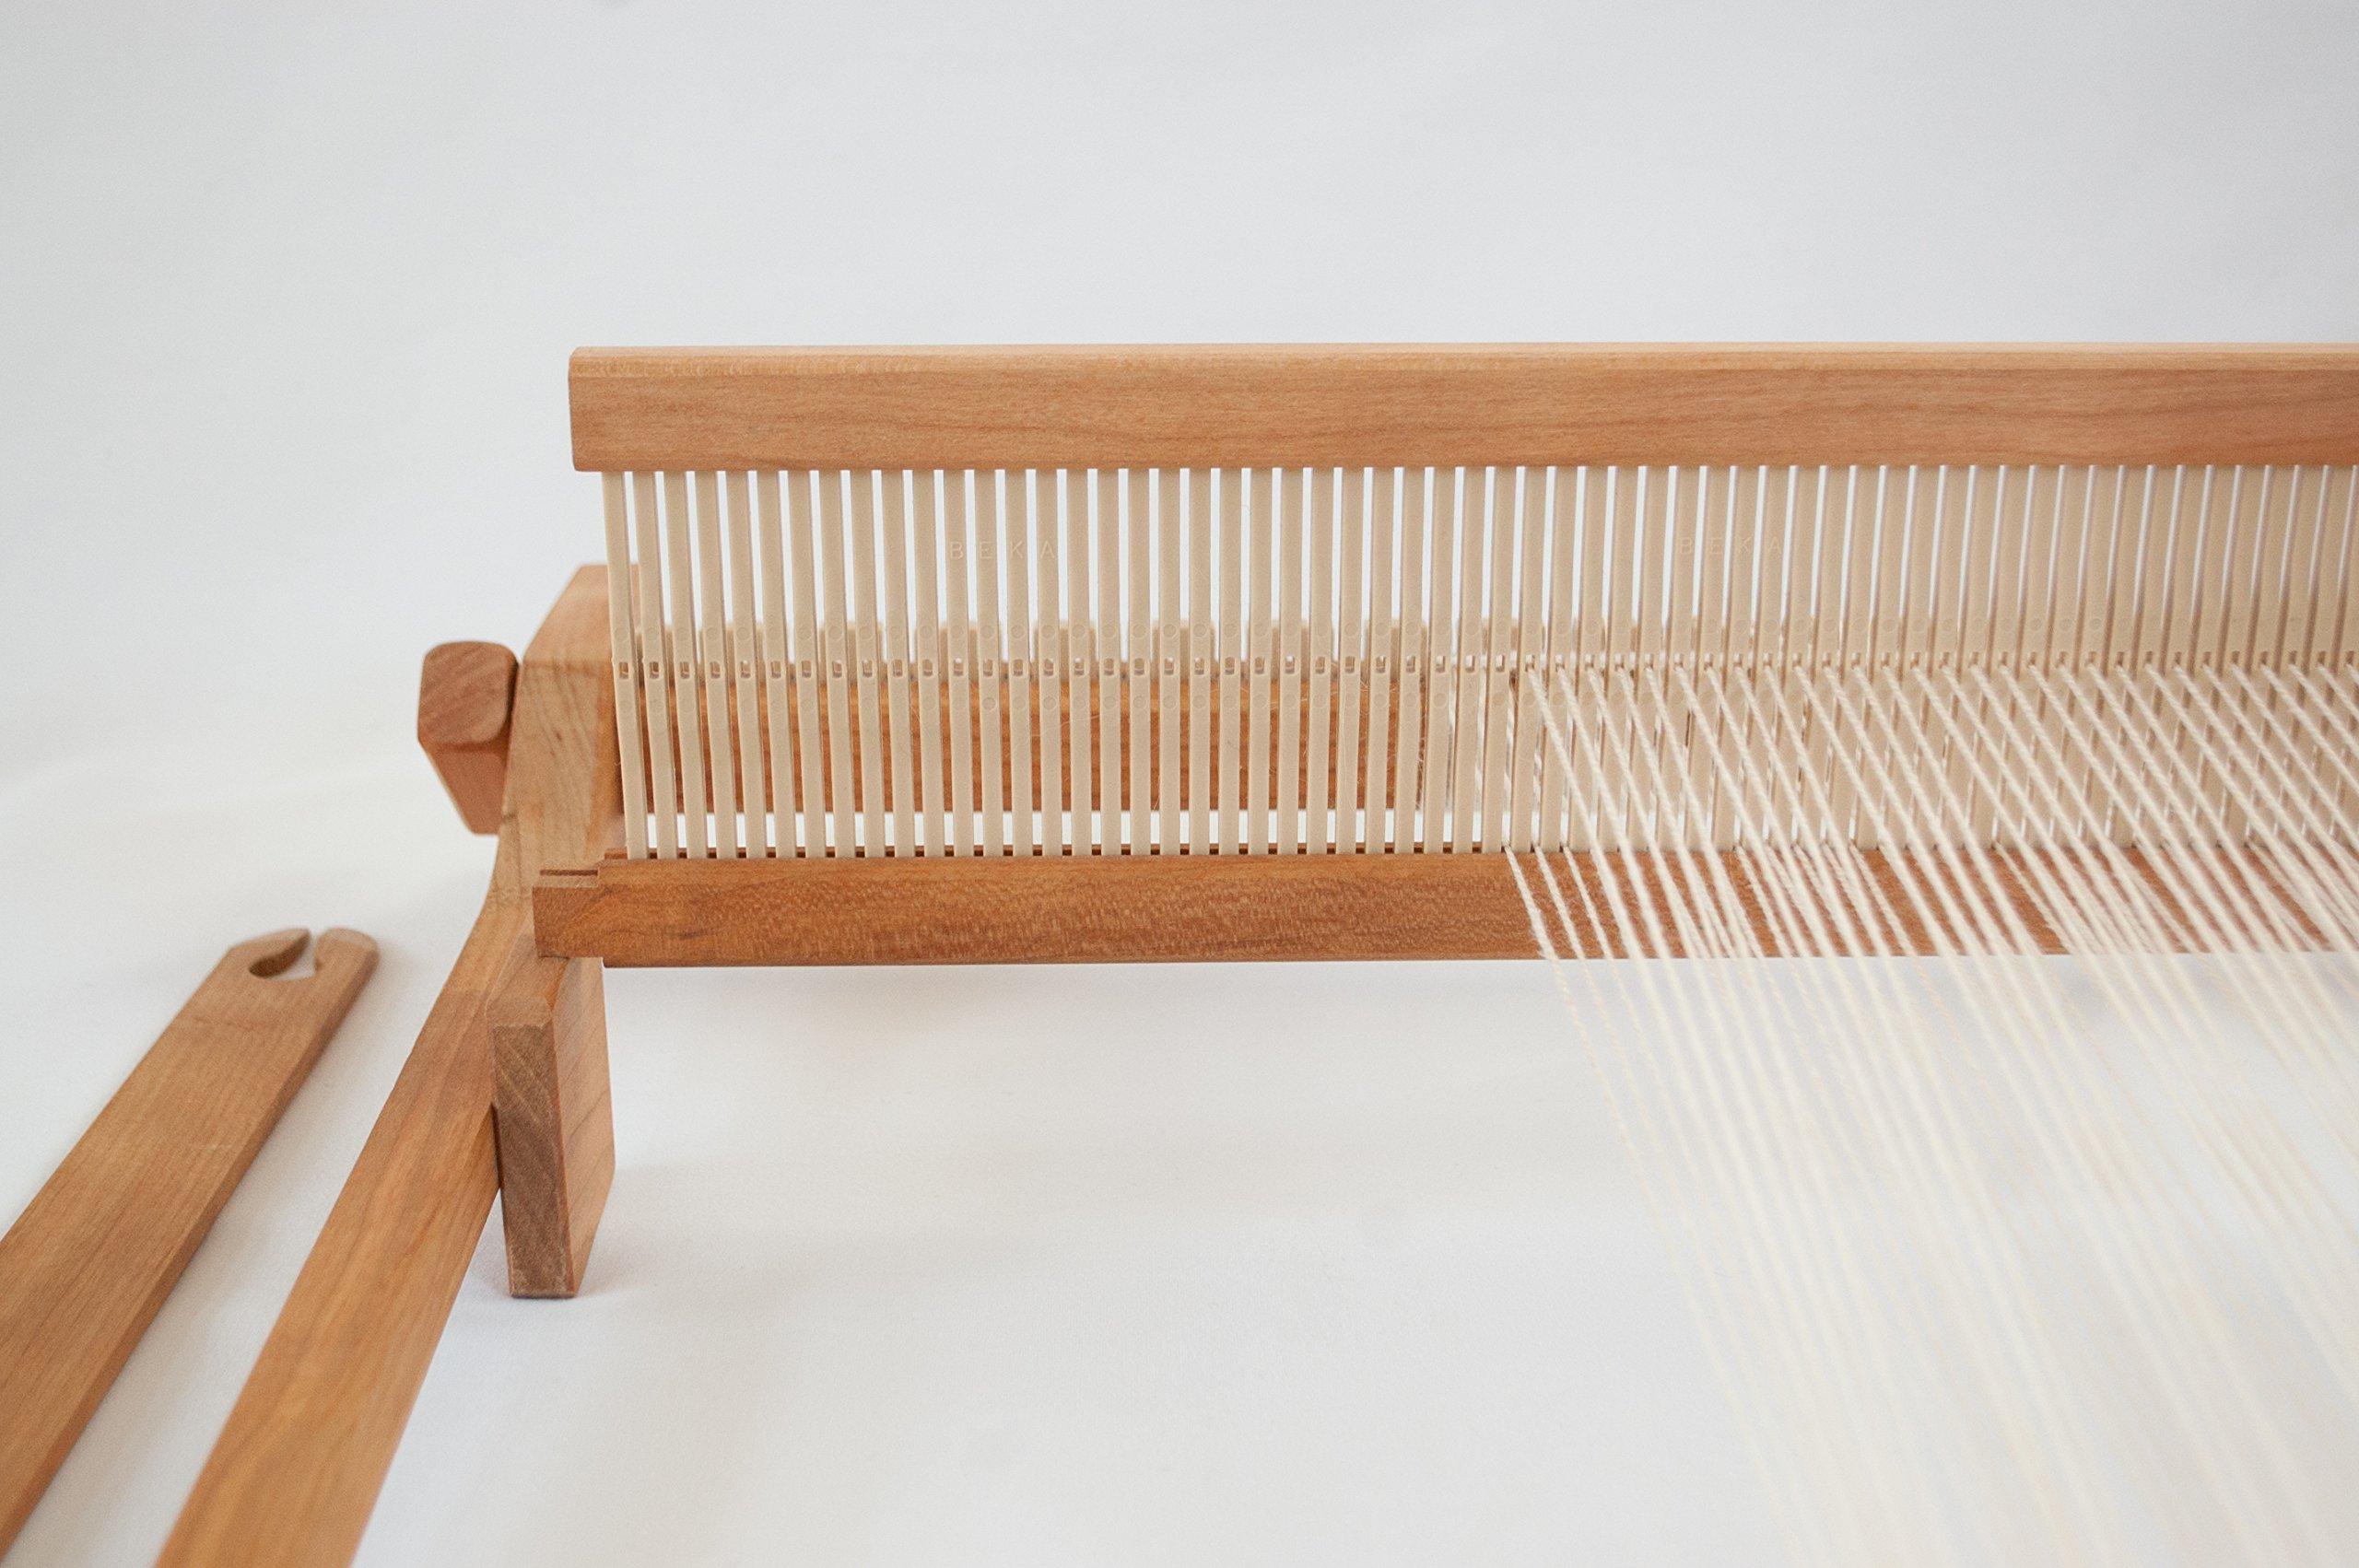 Beka Original Rigid Heddle Loom, SG-24'' by Beka (Image #6)